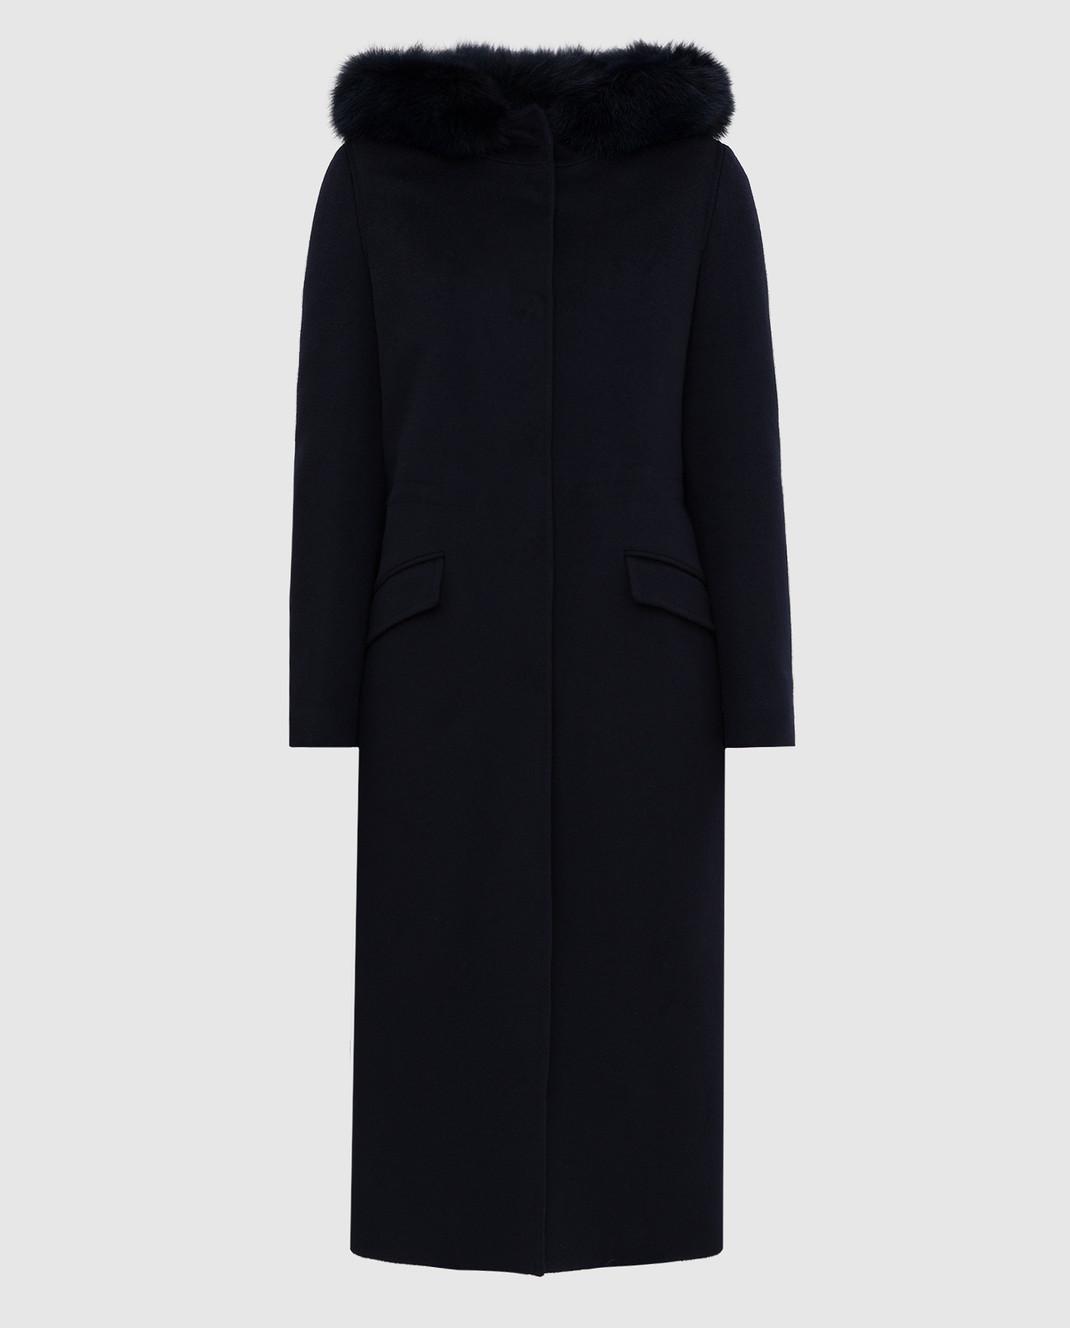 Heresis Темно-синее пальто из шерсти изображение 1